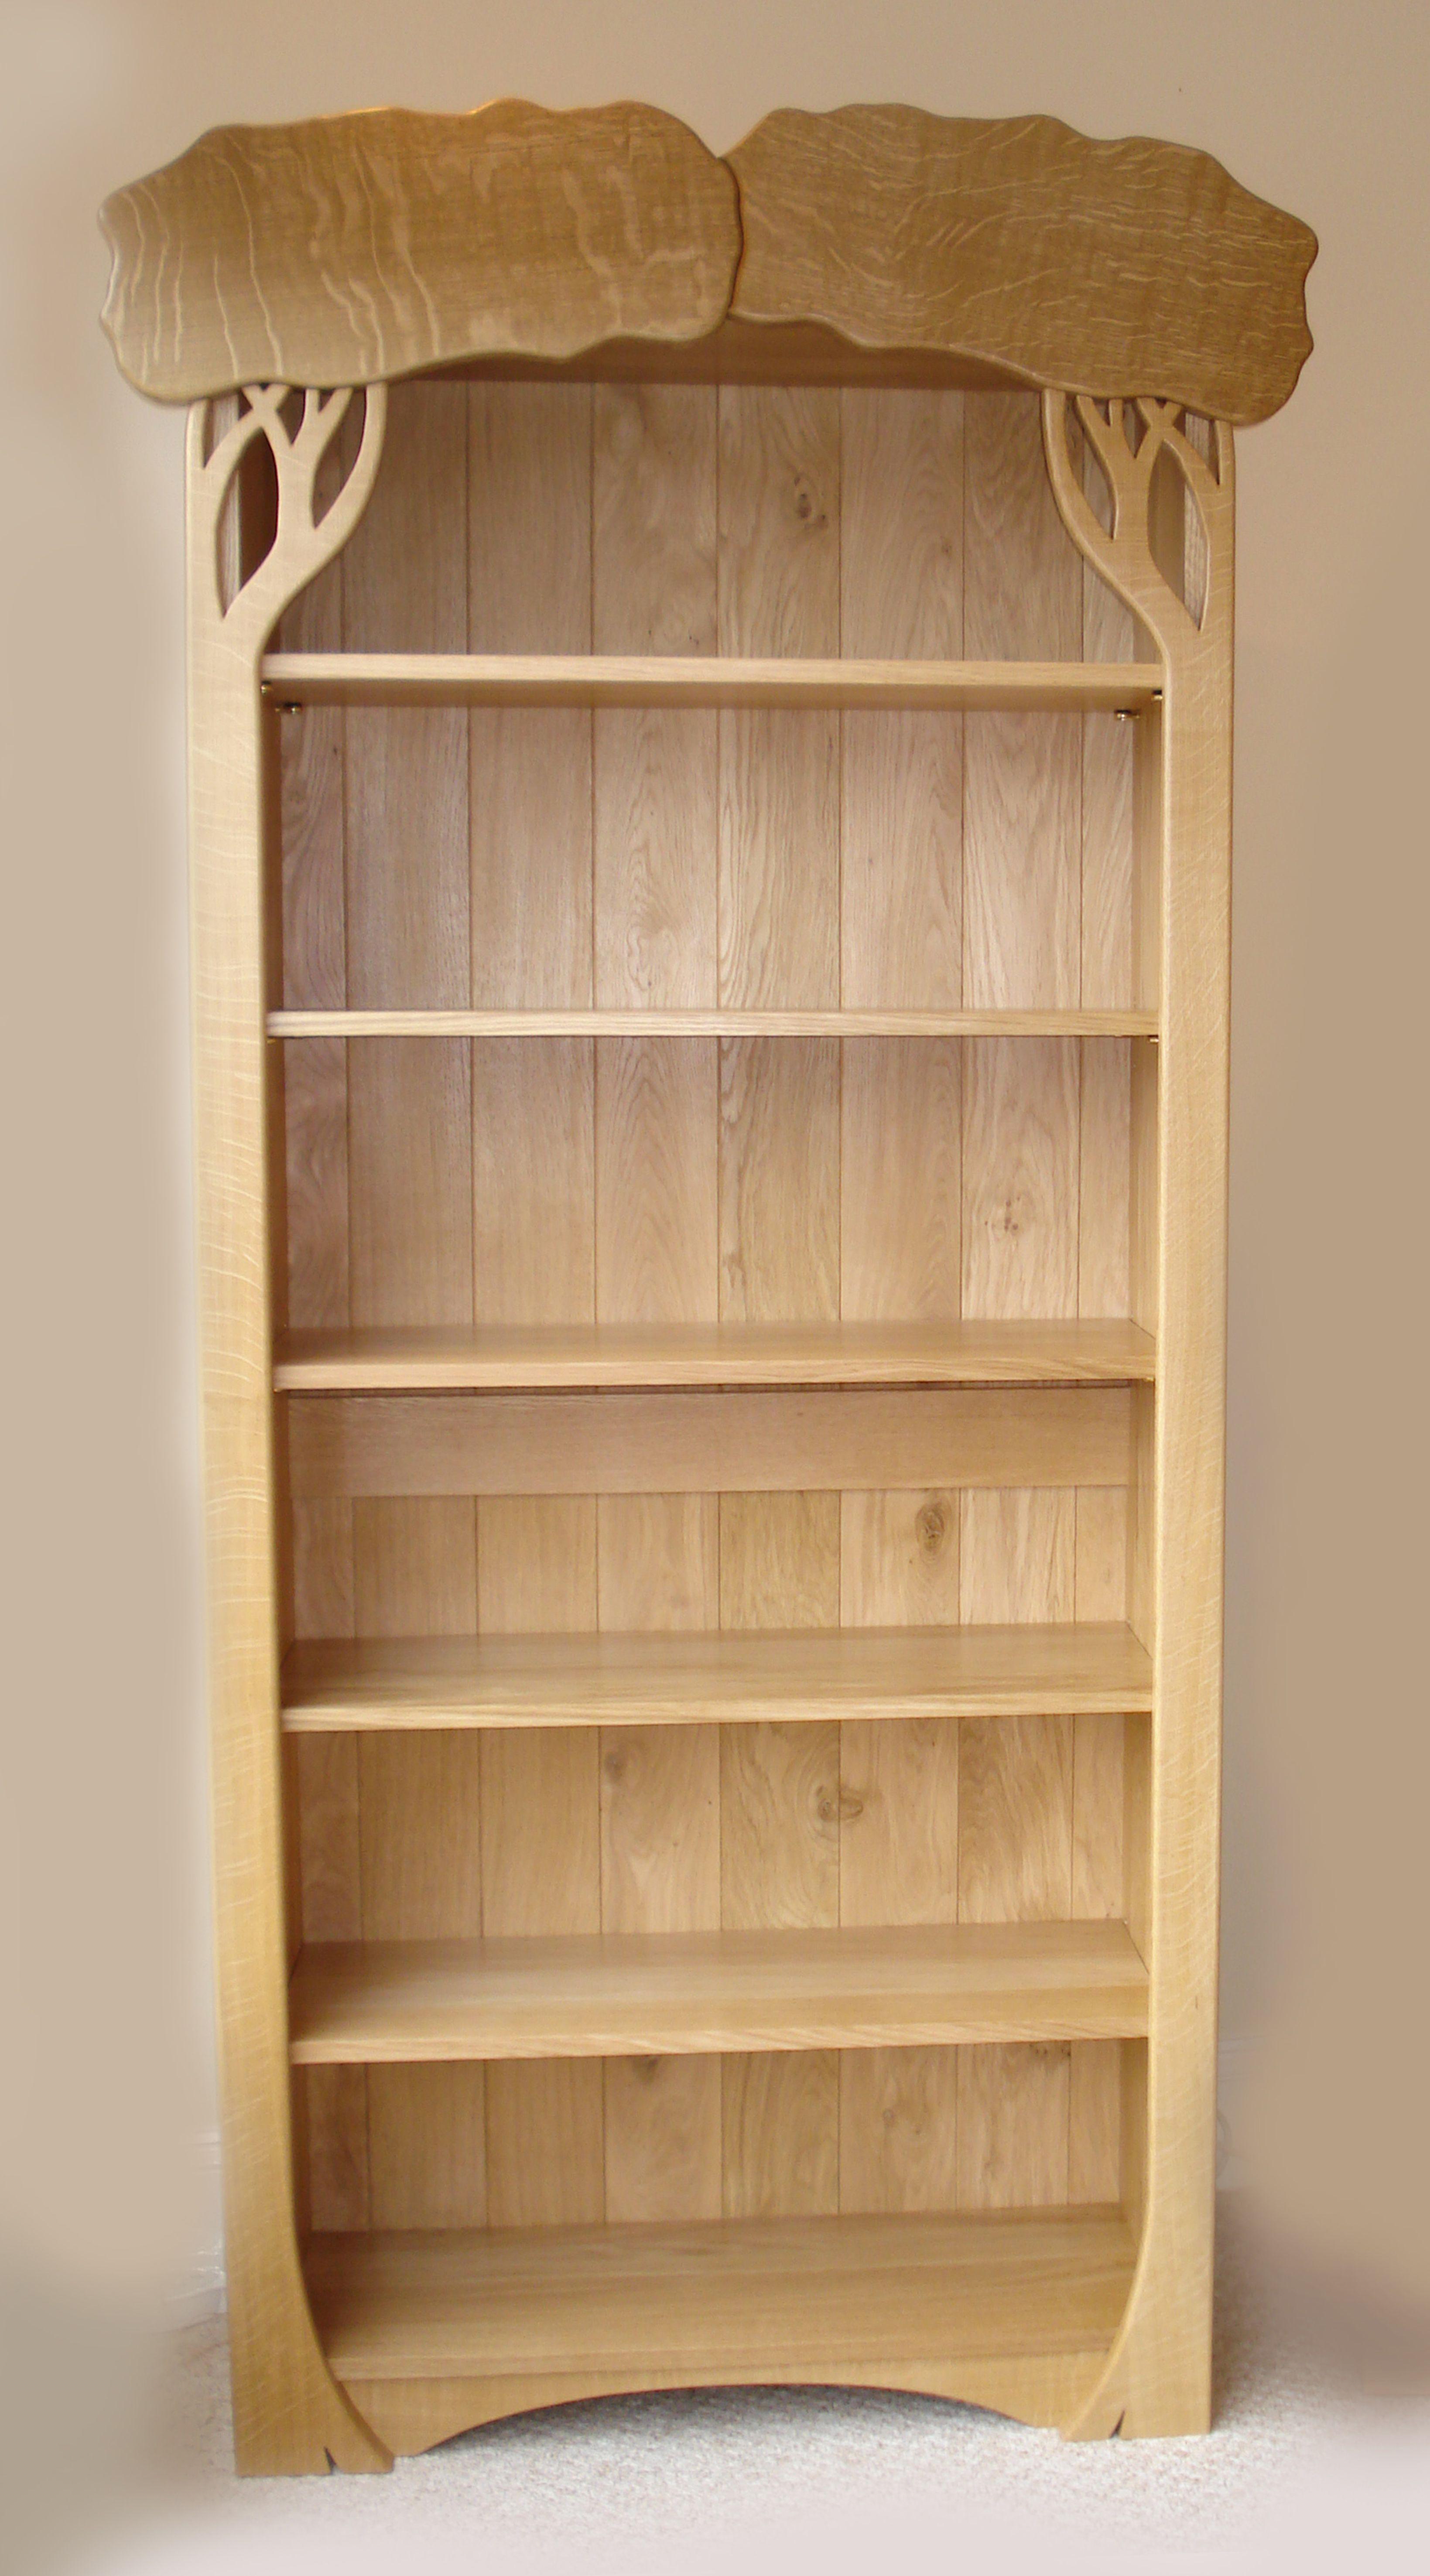 'Tree' Bookcase Bücherregal kinderzimmer, Regal und